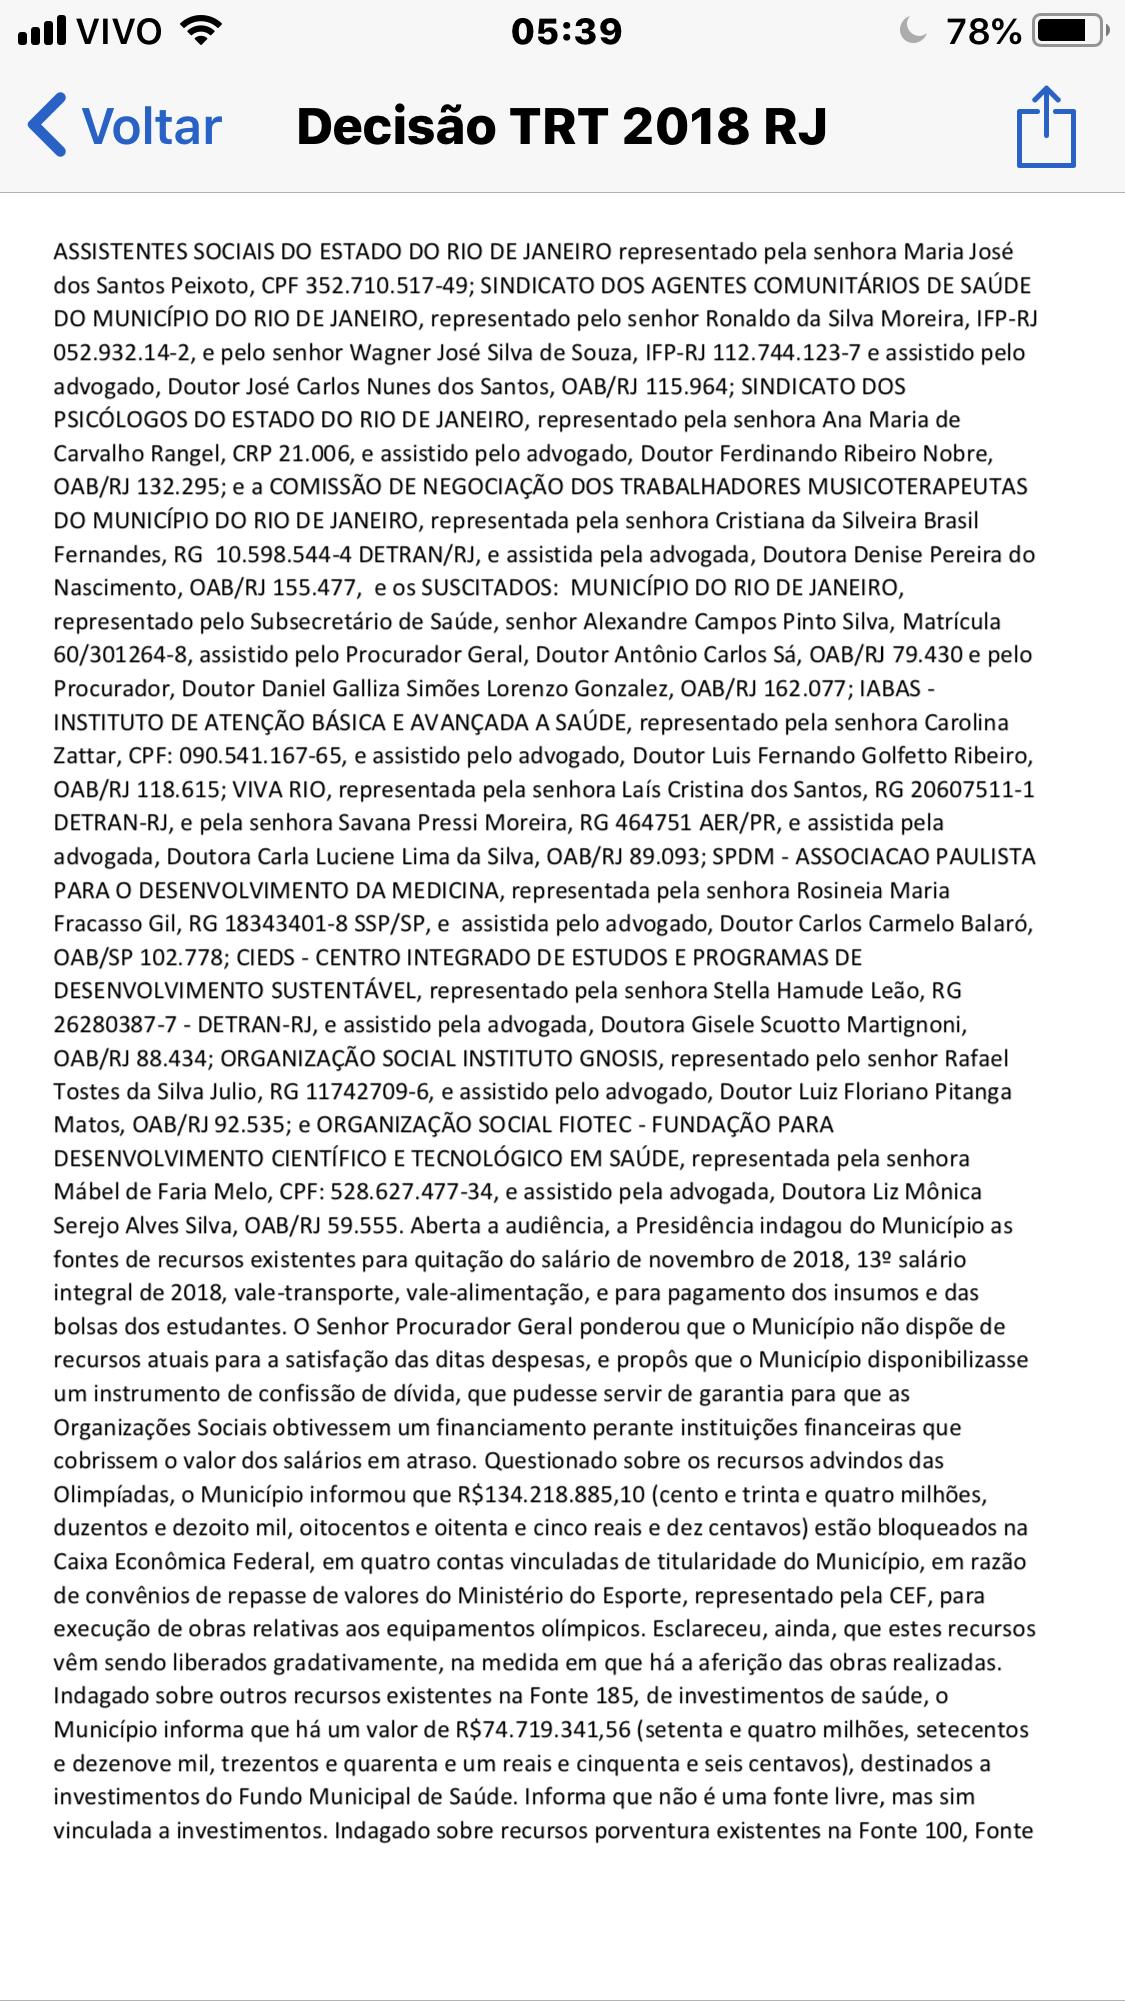 Mais uma vitória do movimento: pagamento dos servidores municipais é determinado pelo TRT